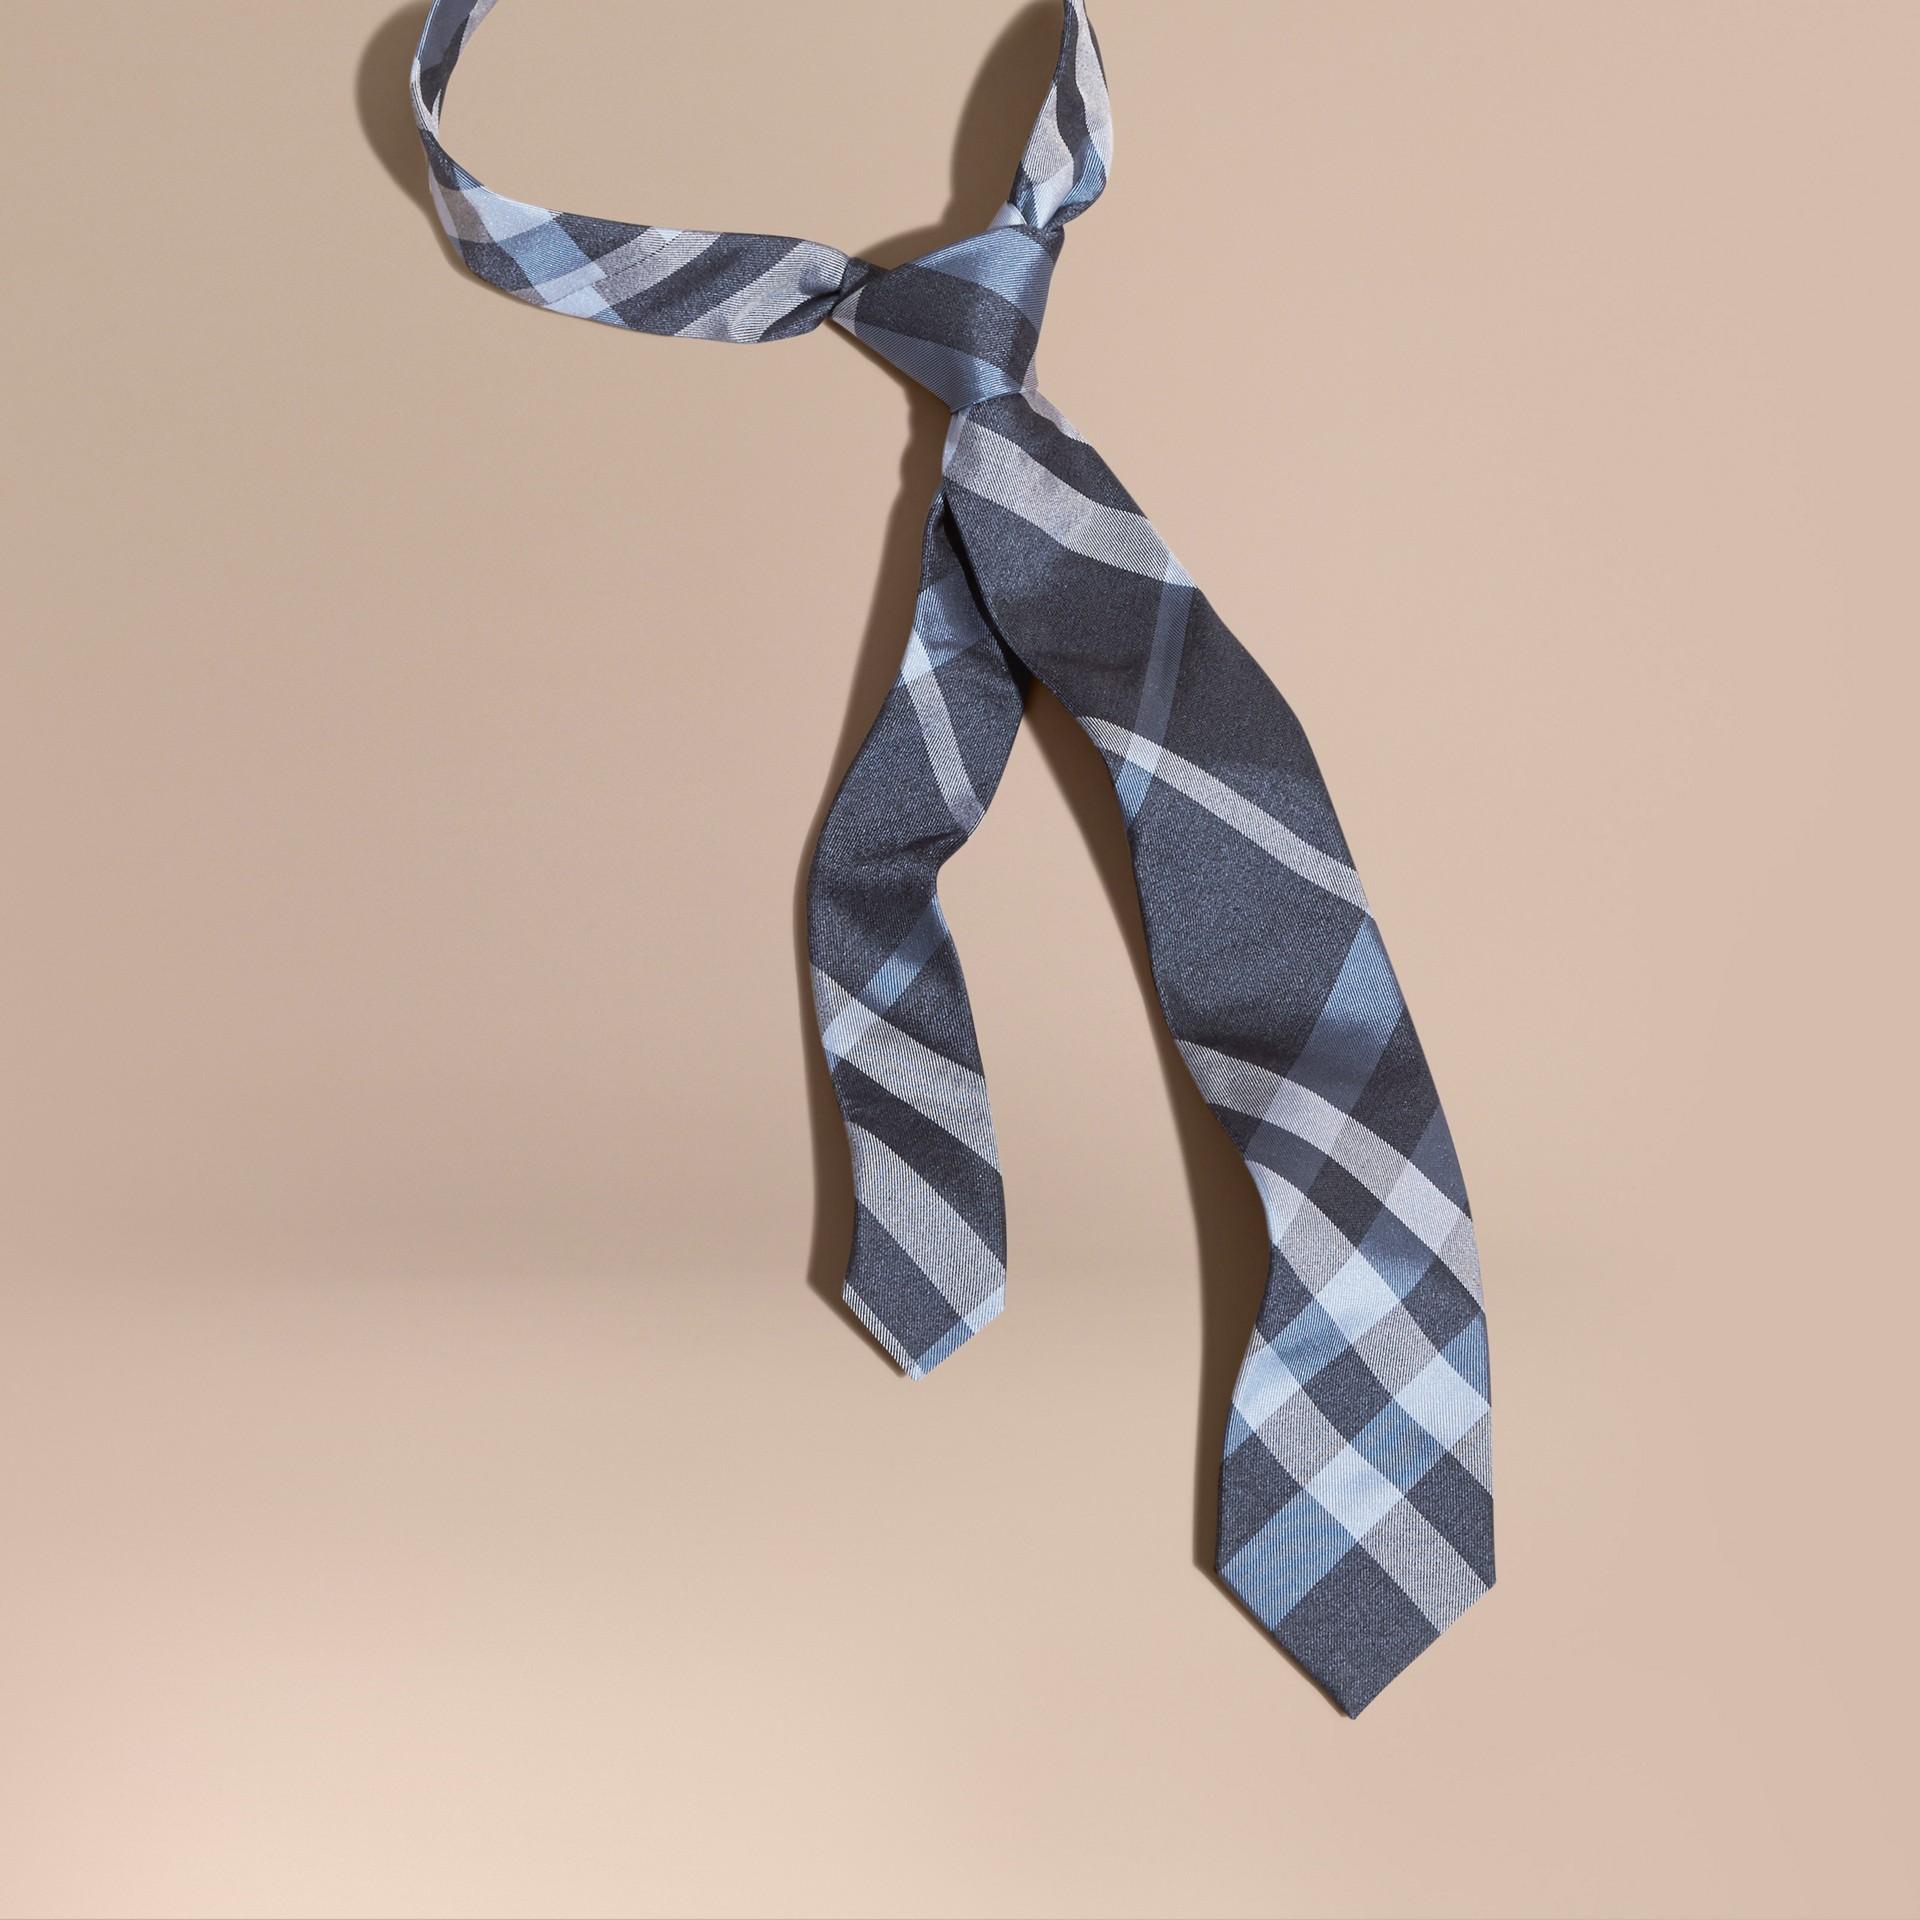 Indigo Cravate moderne en jacquard de soie à motif check Indigo - photo de la galerie 1